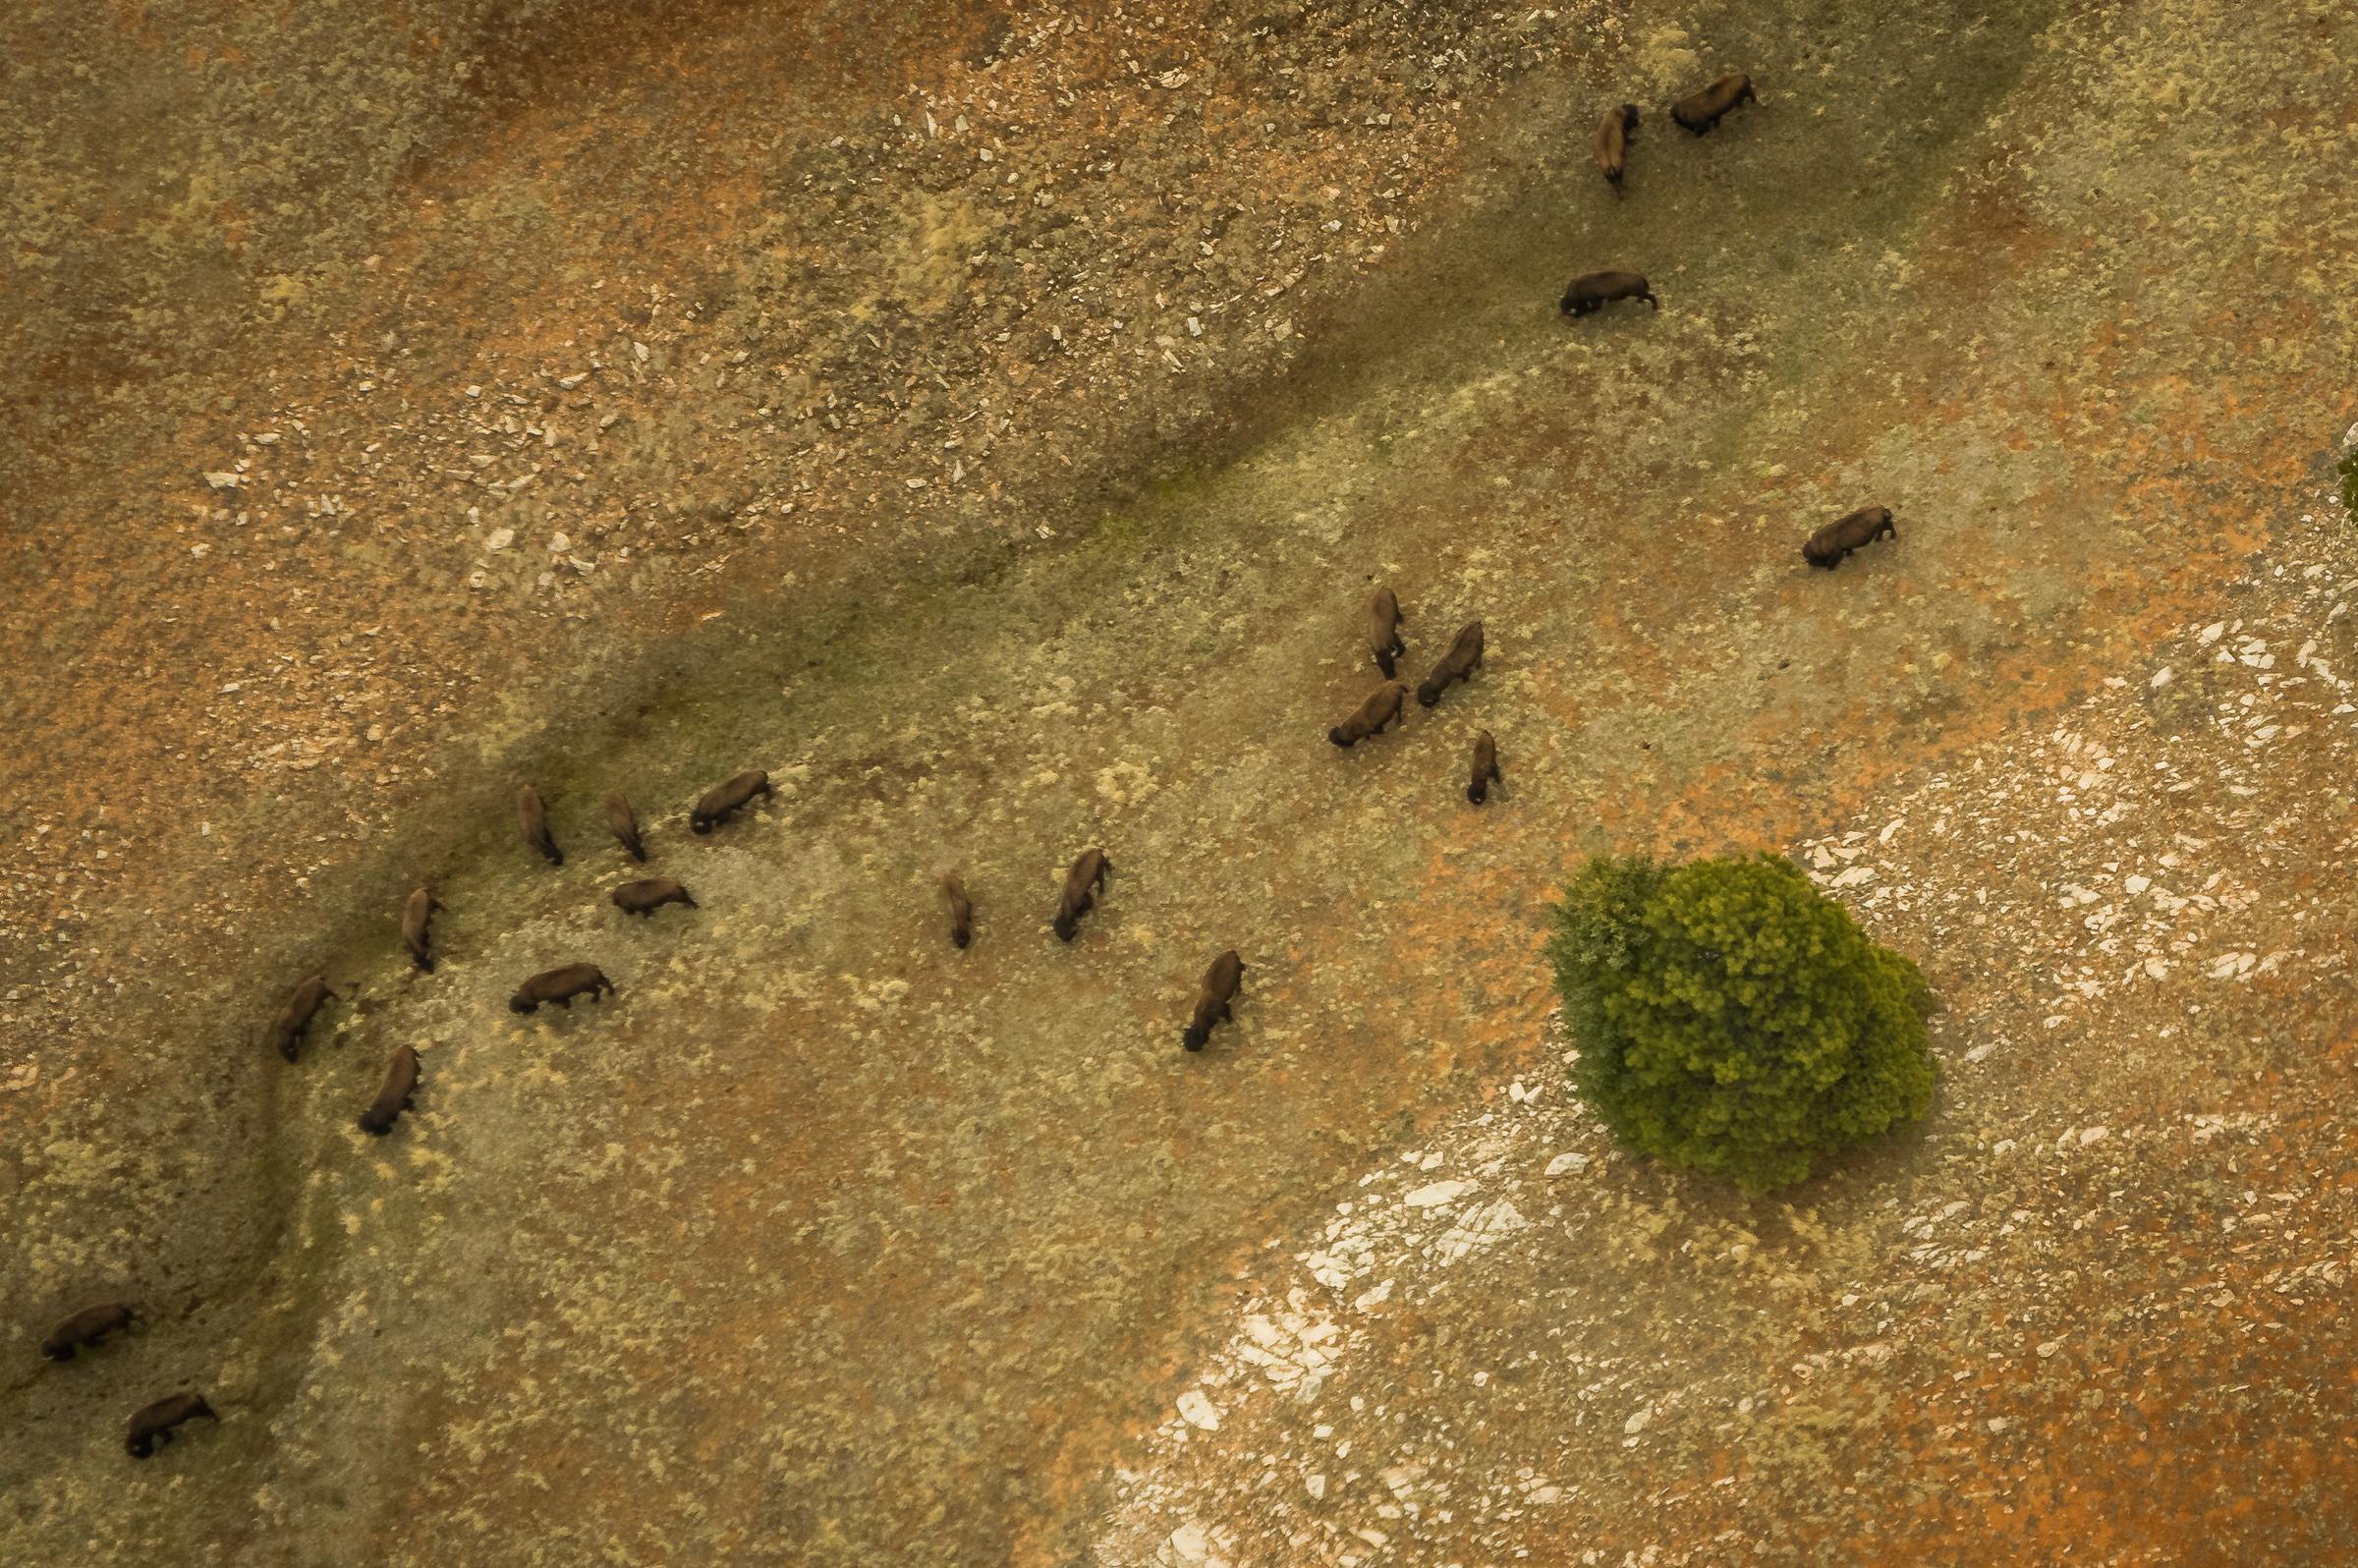 Die ersten und einzigen freilebenden Bisons, die wir gesehen haben.